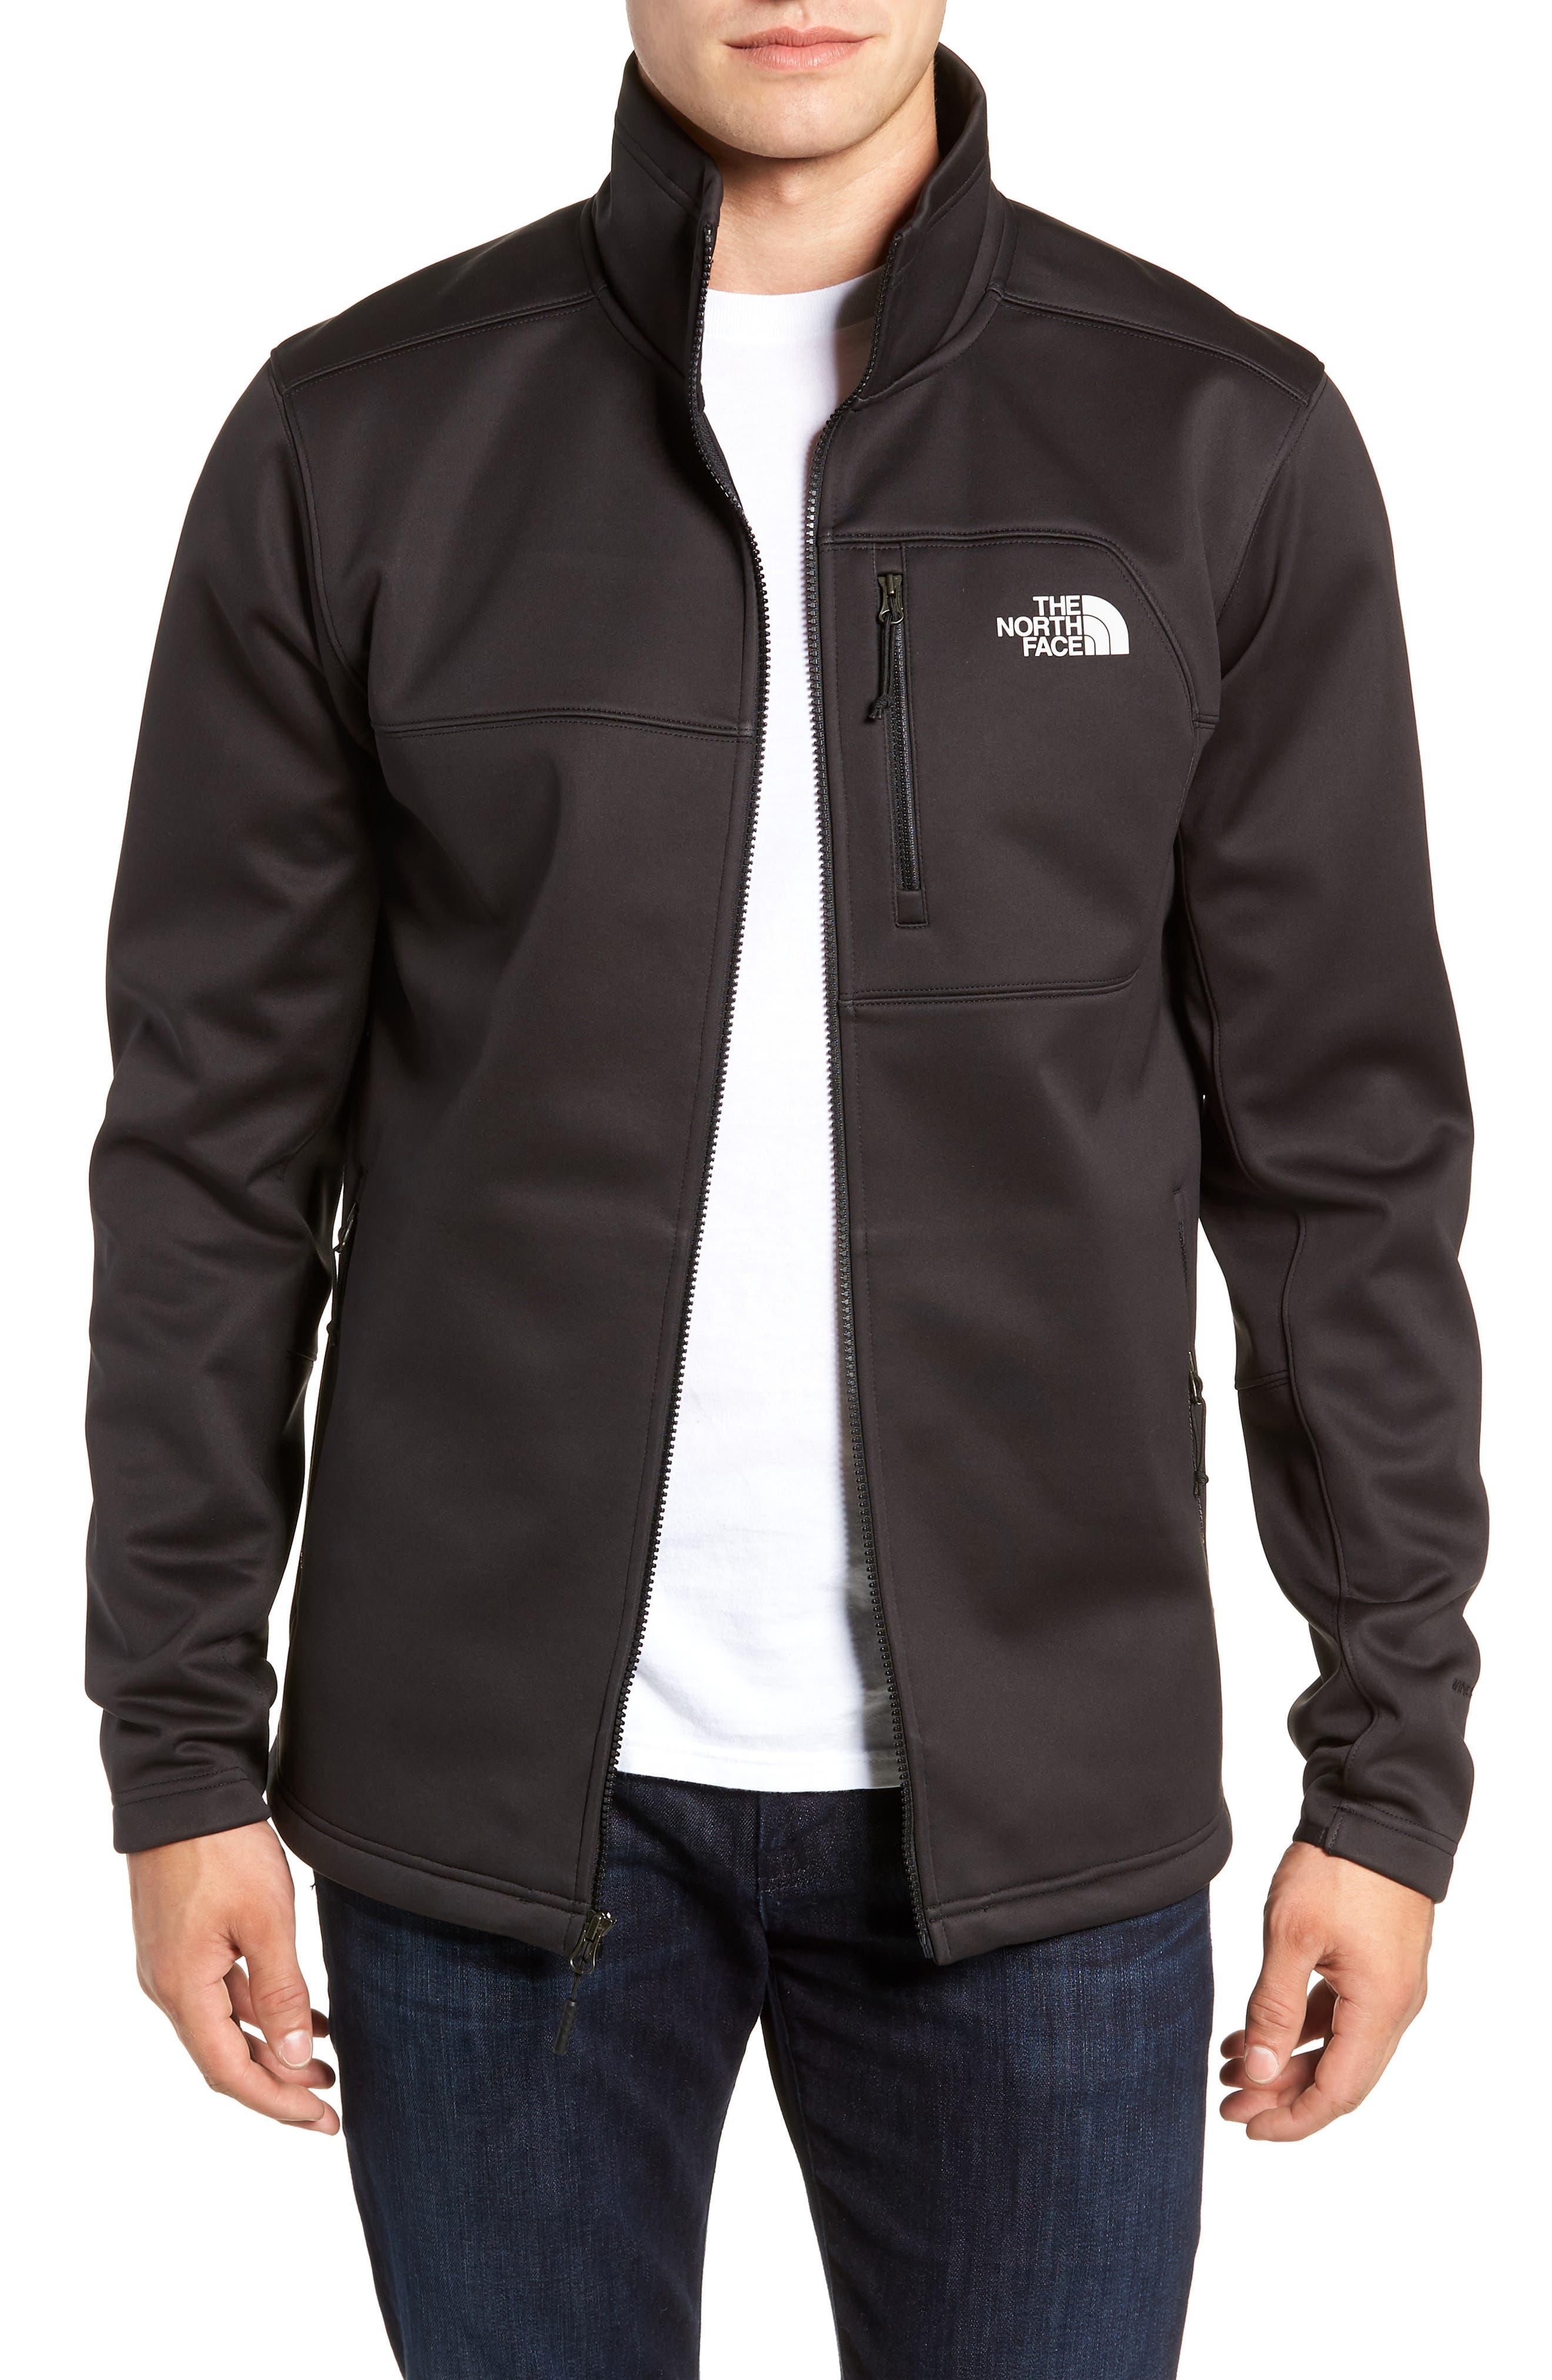 Apex Risor Jacket,                             Main thumbnail 1, color,                             TNF BLACK/ TNF BLACK